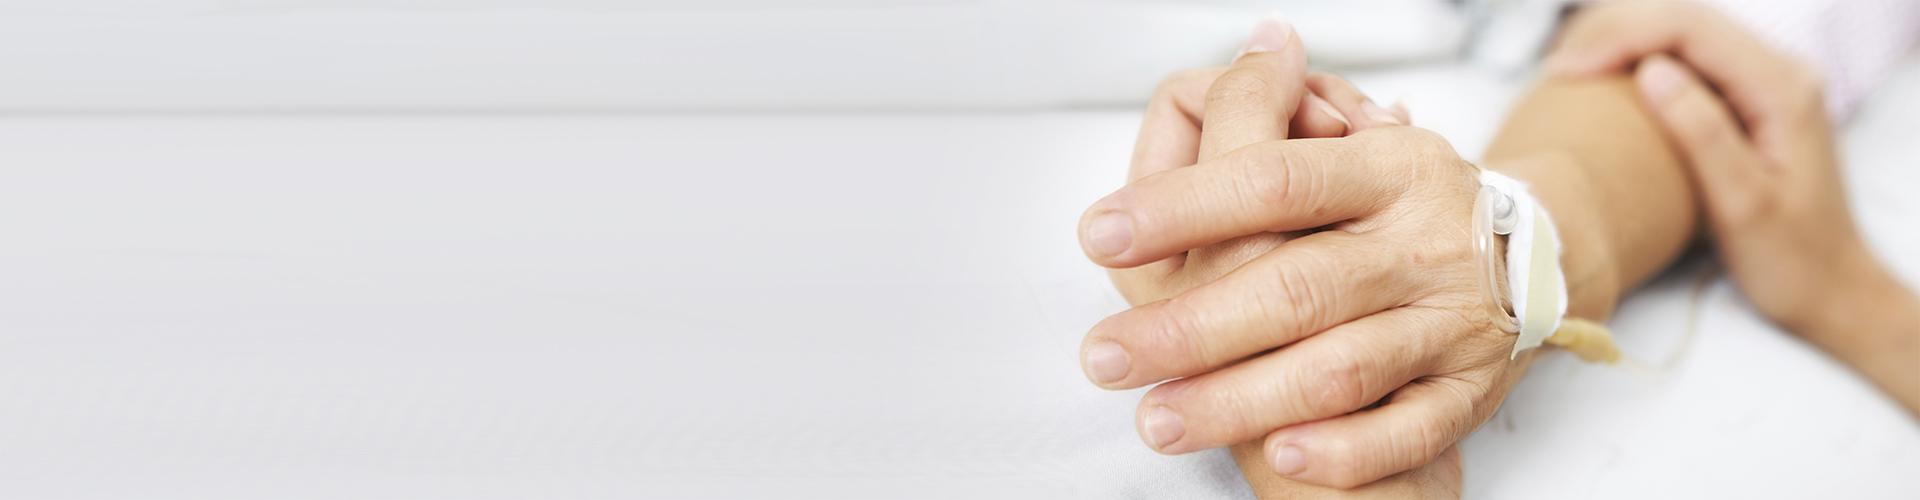 STIWELL Neurorehabilitation | Informationen zu Schlaganfall (Apoplex)